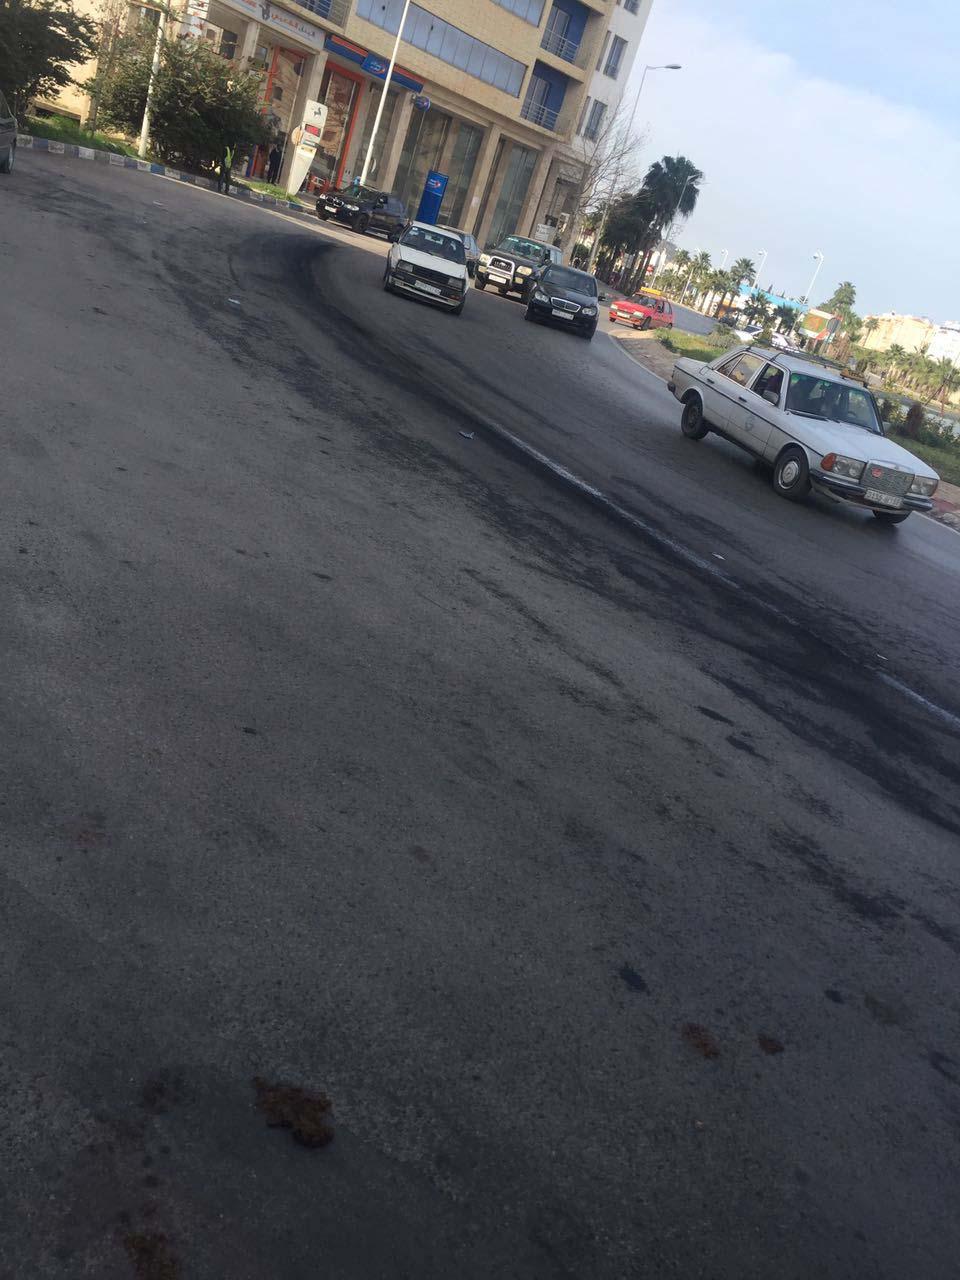 حفر تعيق سلاسة حركة المرور بشوارع مدينة الناظور والجهات المعنية ترى ولا تتحرك